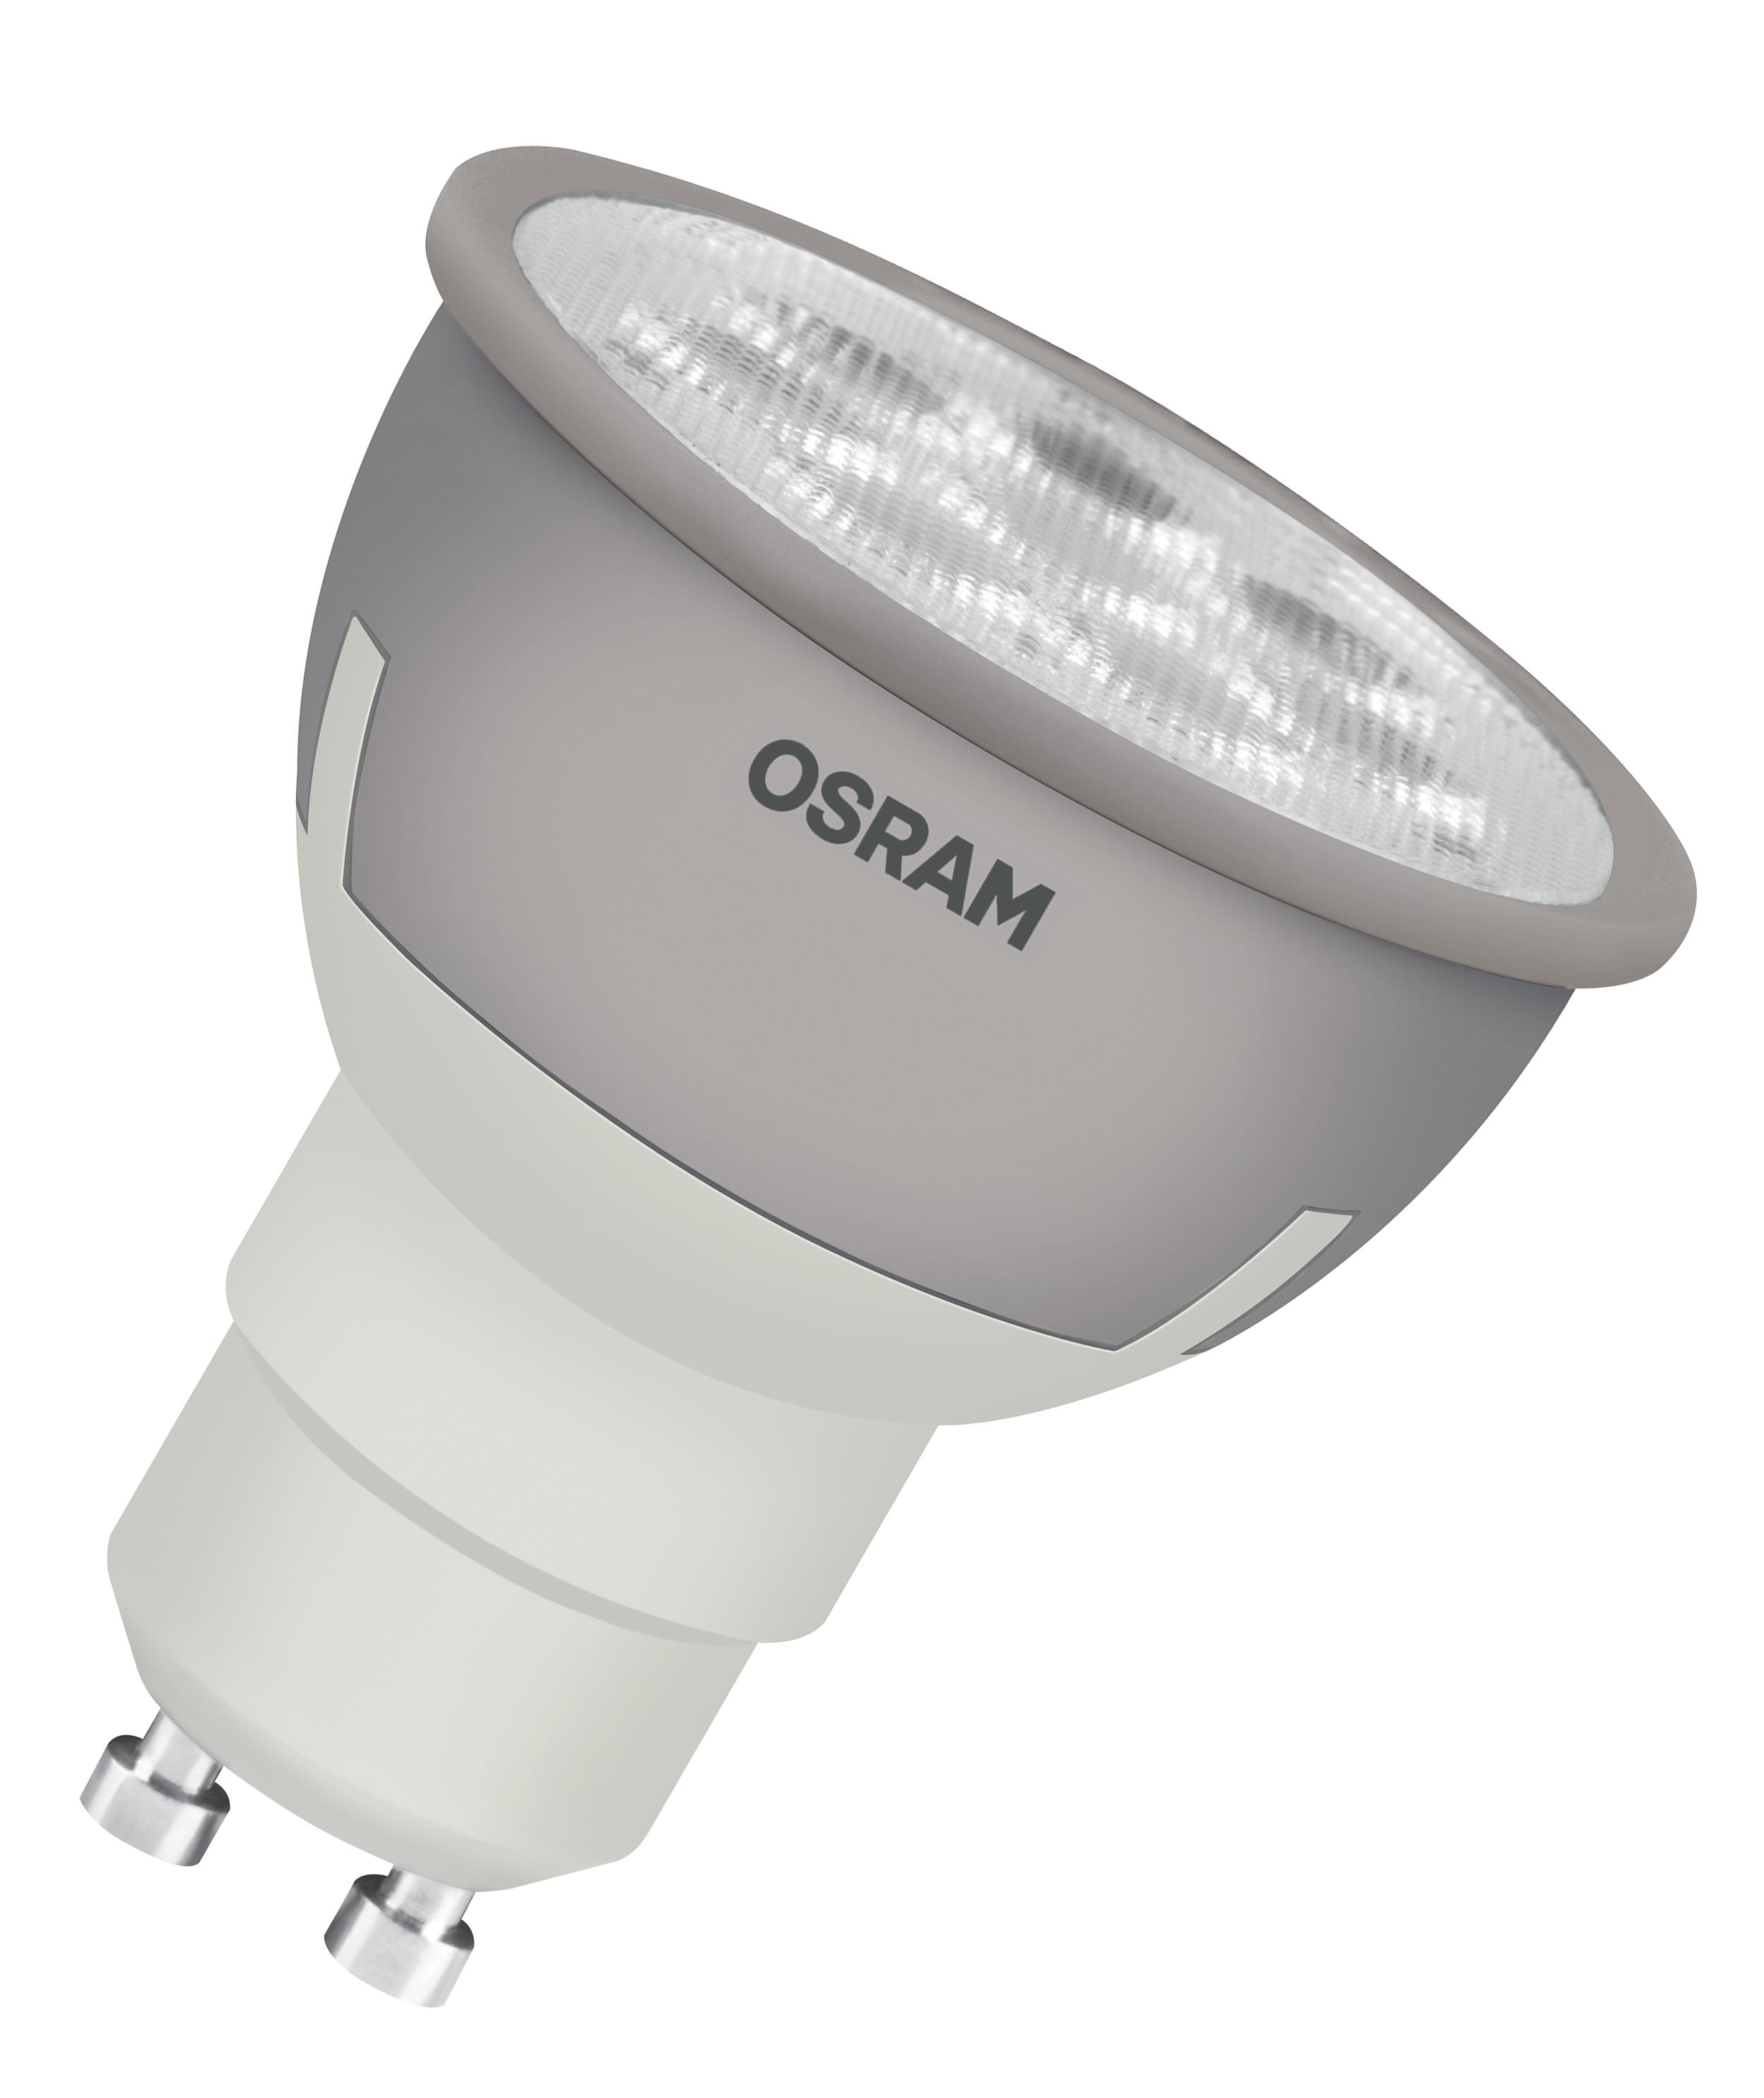 10625-OSRAM-LED-Spot-GU10-72W-Ersatz-fuer-65-Watt-460-lm-36-kaltweiss-dimmbar-2 Schöne Osram Led Dimmbar Gu10 Dekorationen